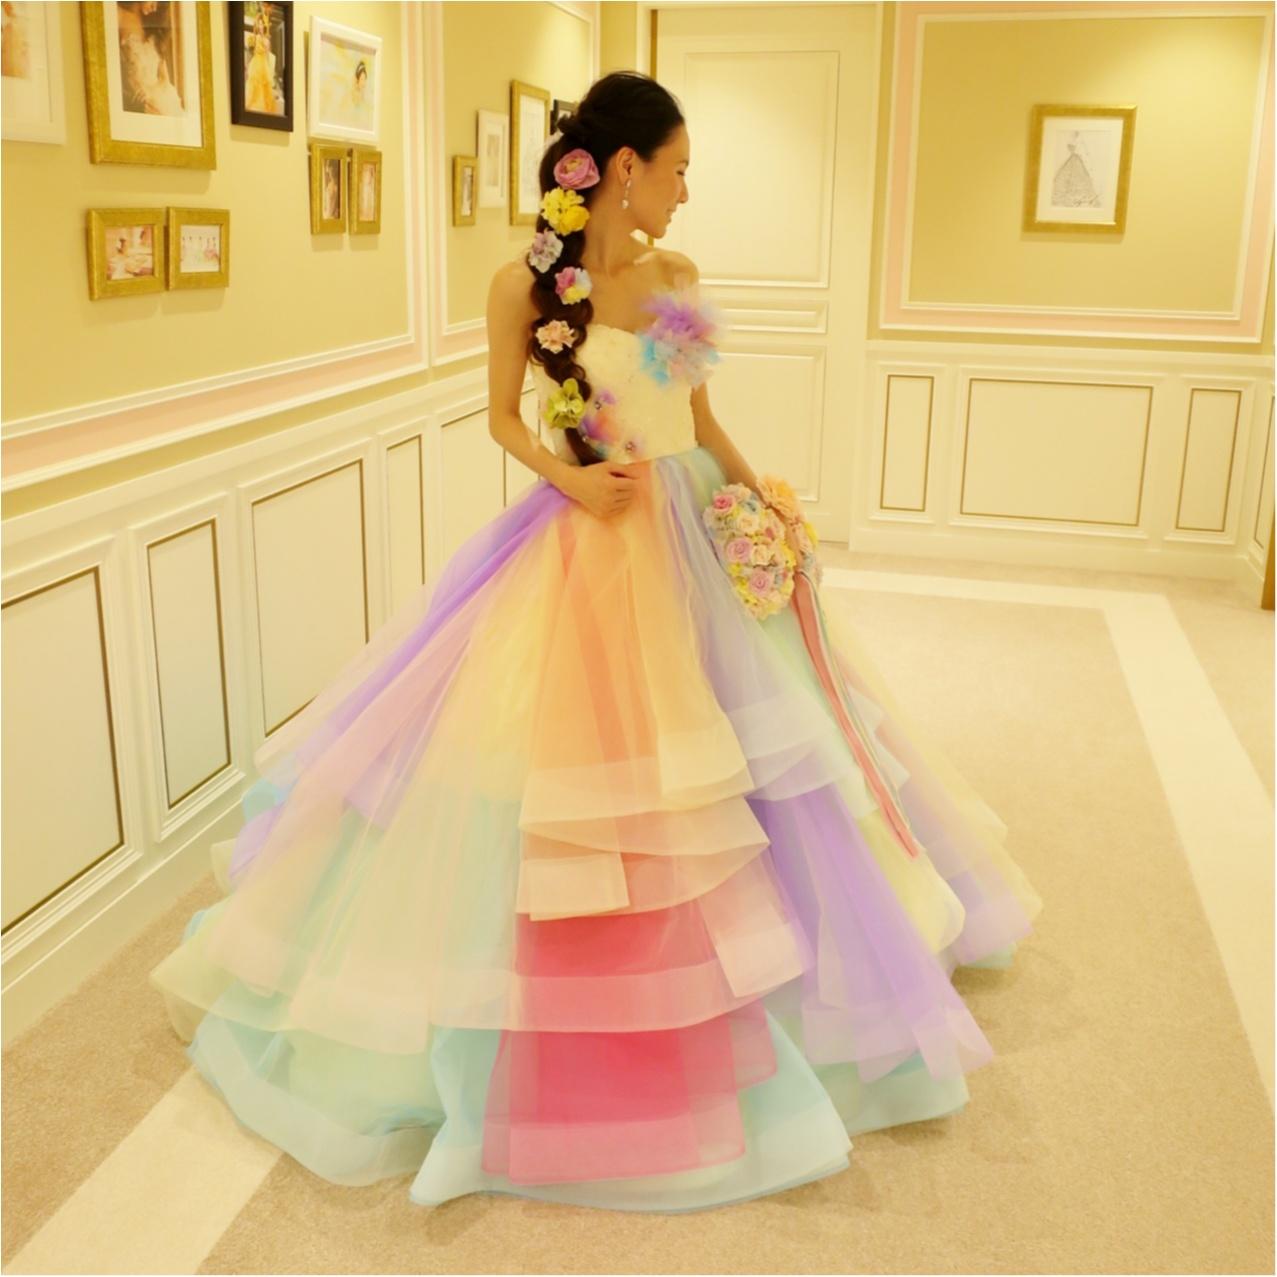 【Wedding】ウェディングドレス《 THE HANY(ザハニー) 》で人気No.1のレインボードレスがかわいすぎる♡_2